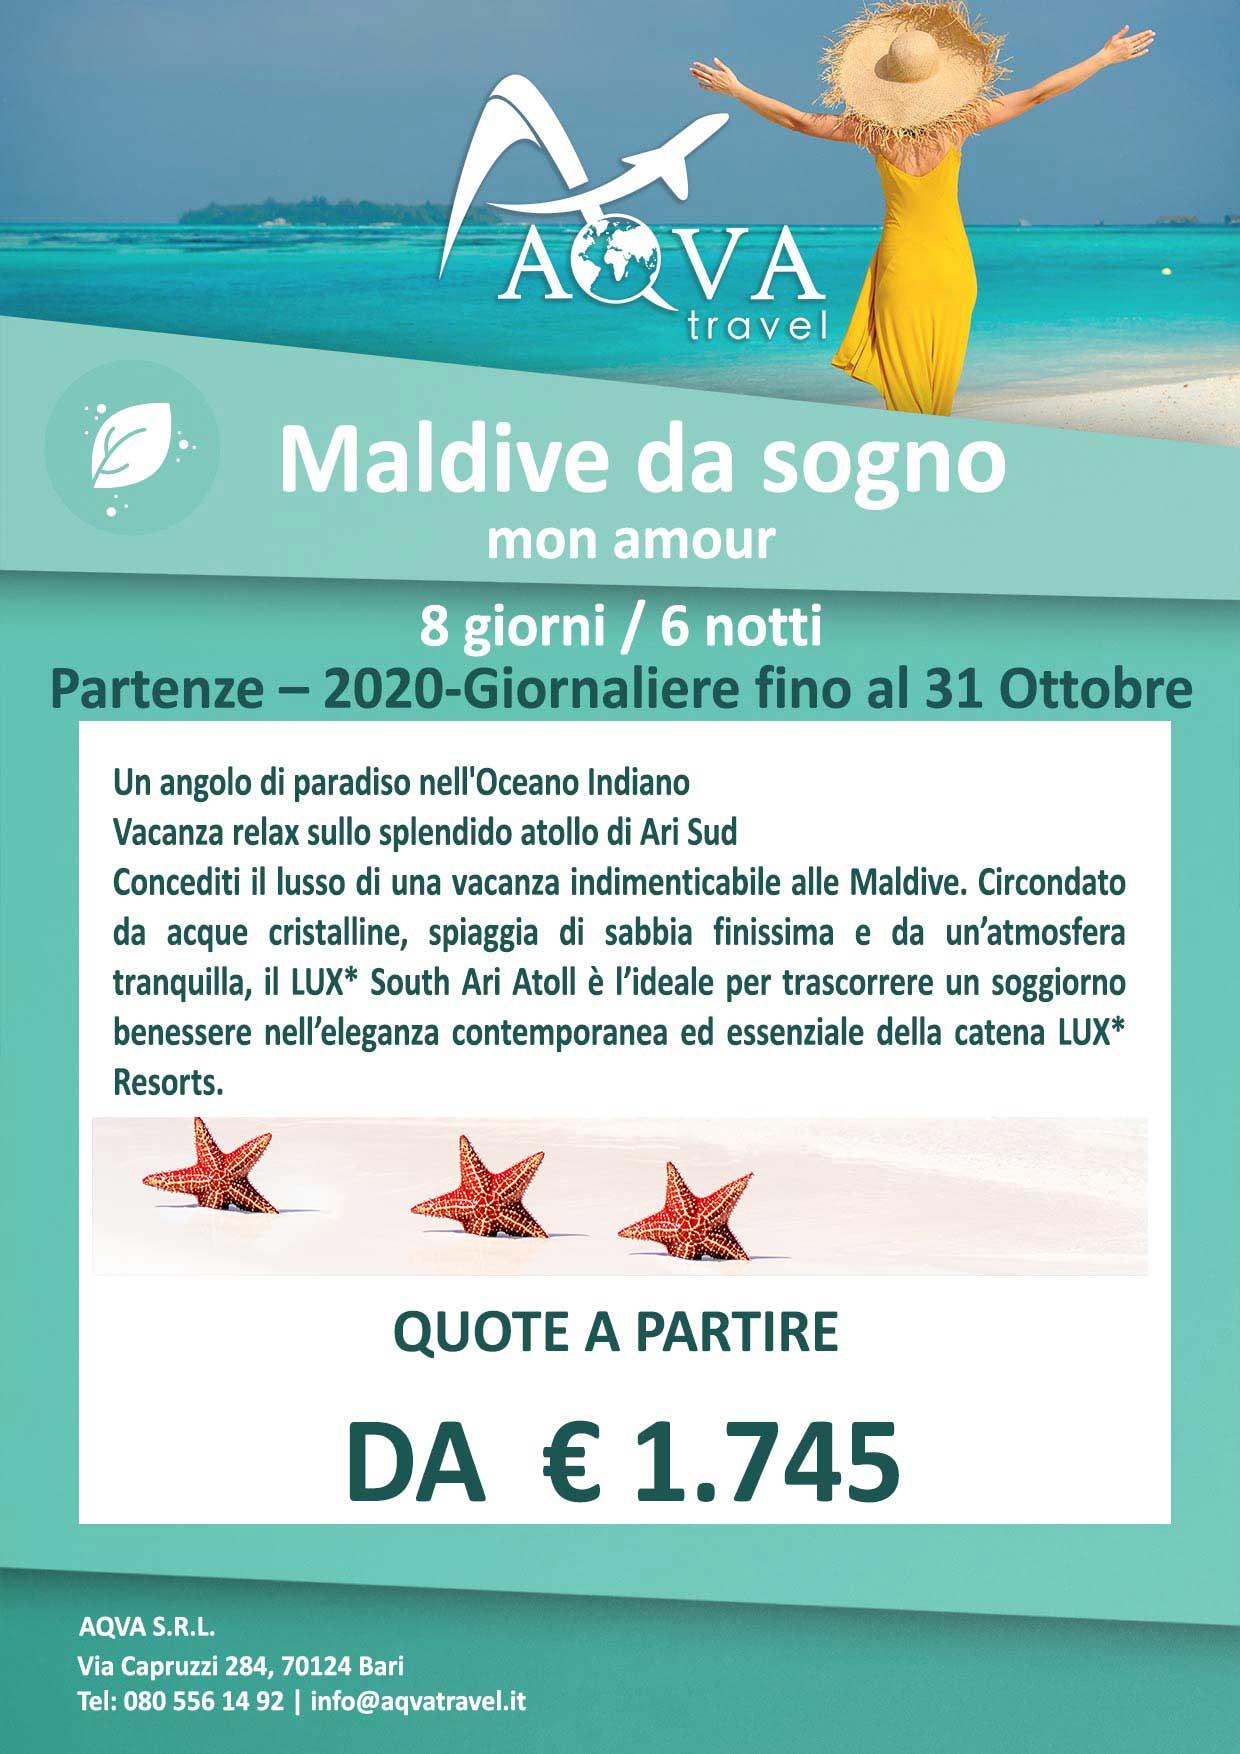 Maldive,-mon-amour-8-giorni-6-notti-Partenze-NATURA-offerte-agenzia-di-viaggi-Bari-AQVATRAVEL-it